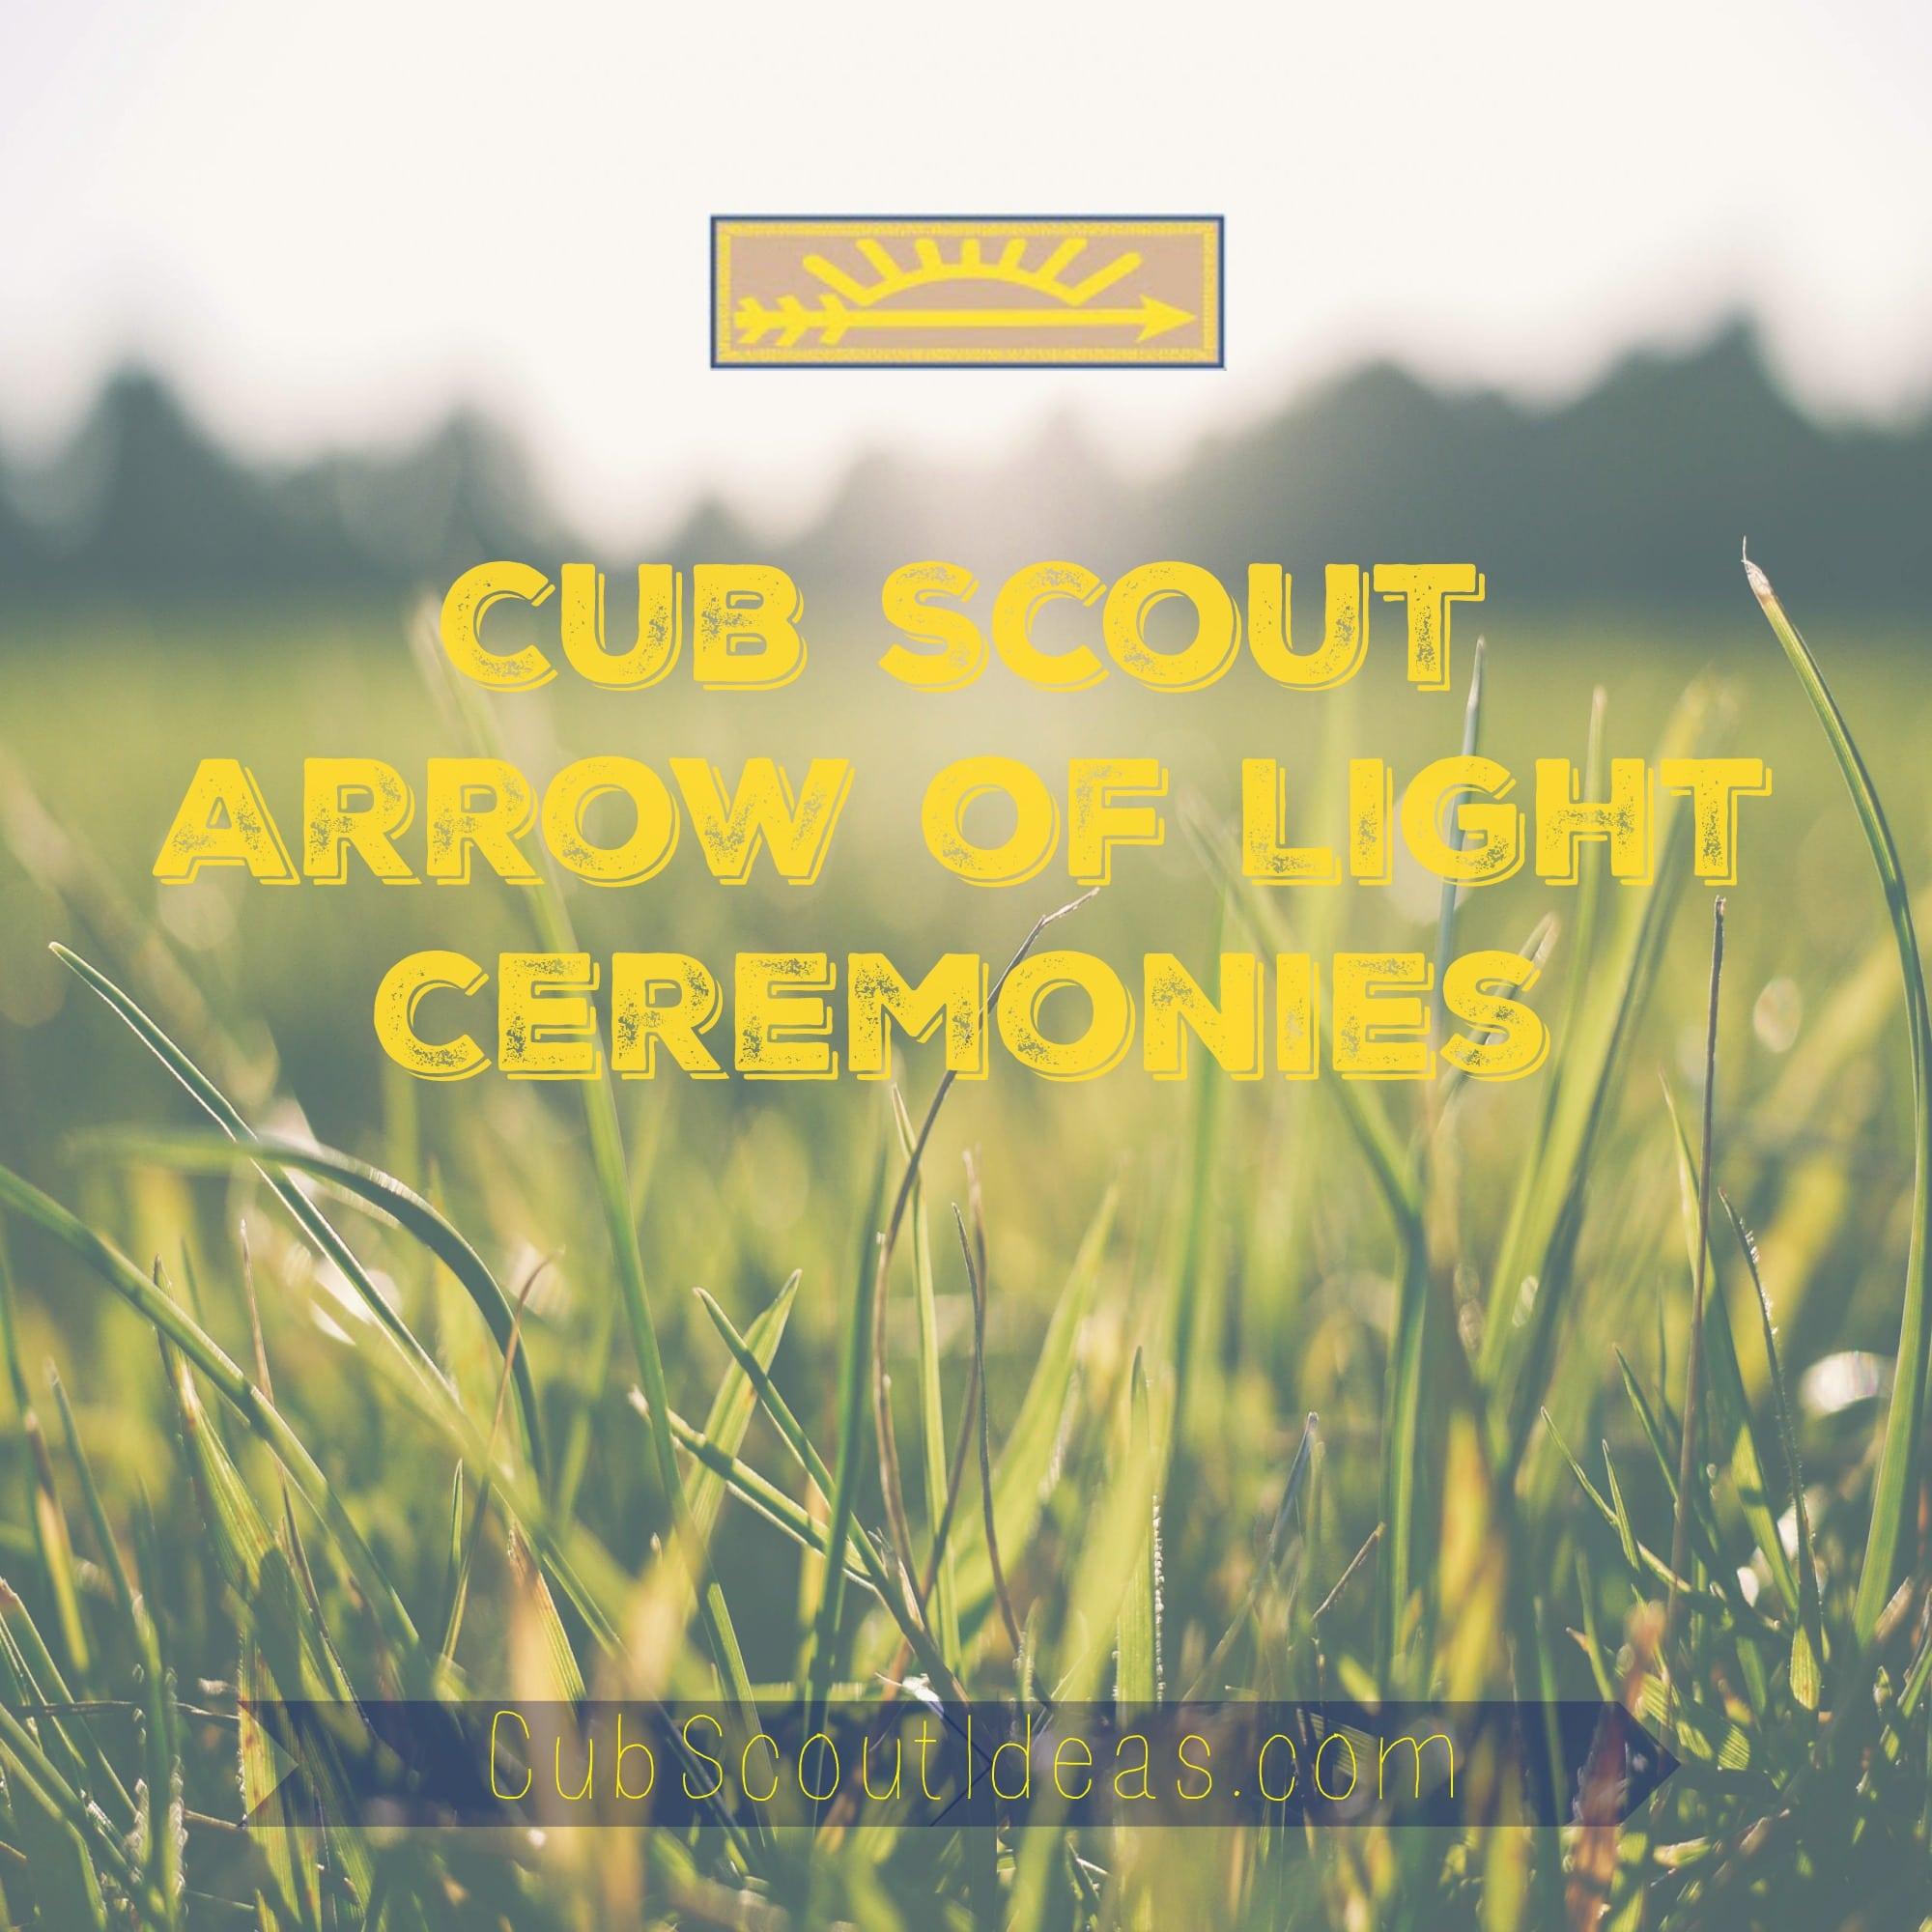 Boy scout uniform patches arrow of light